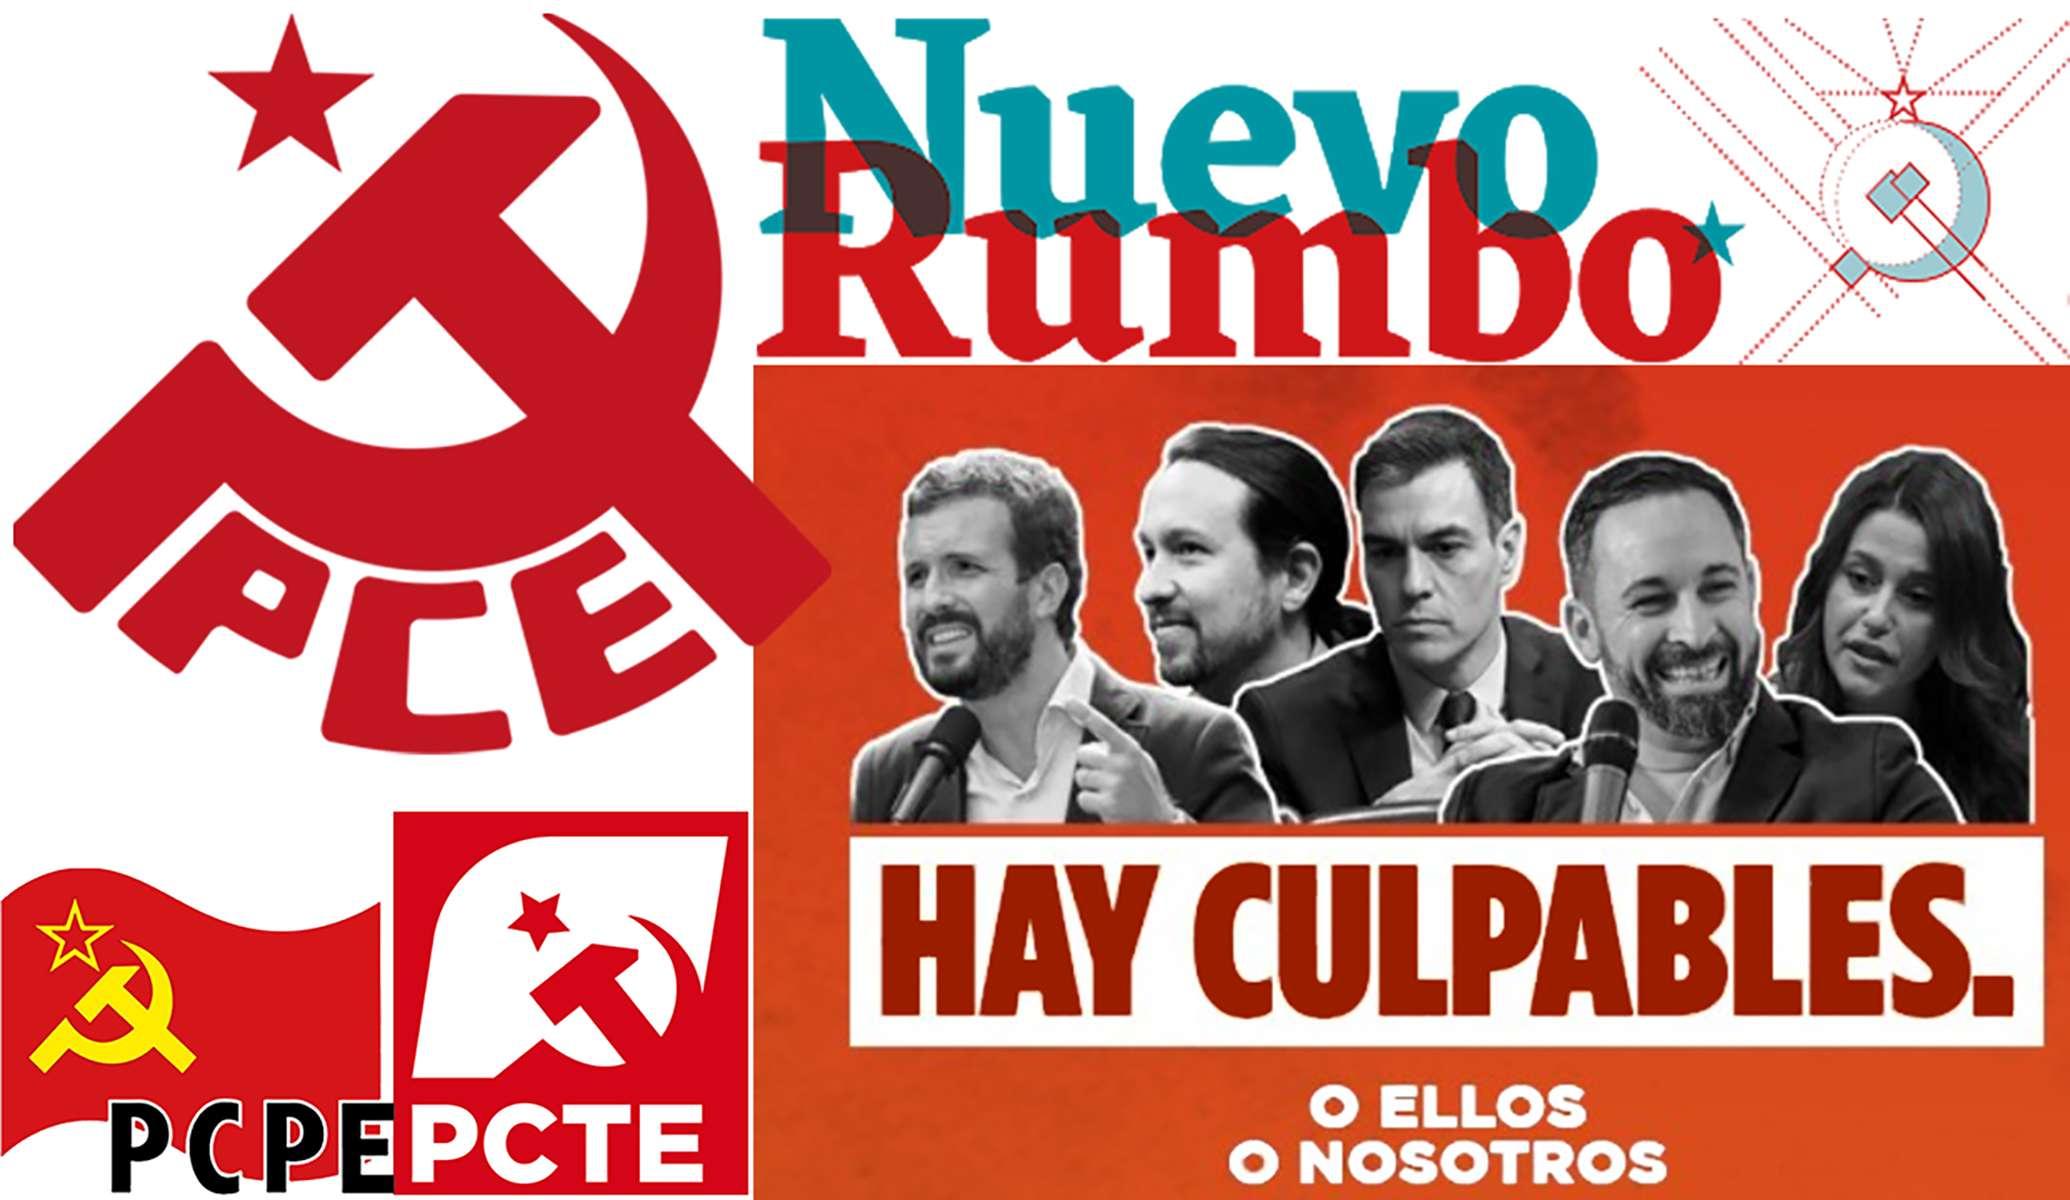 PCE Partido Comunista de España